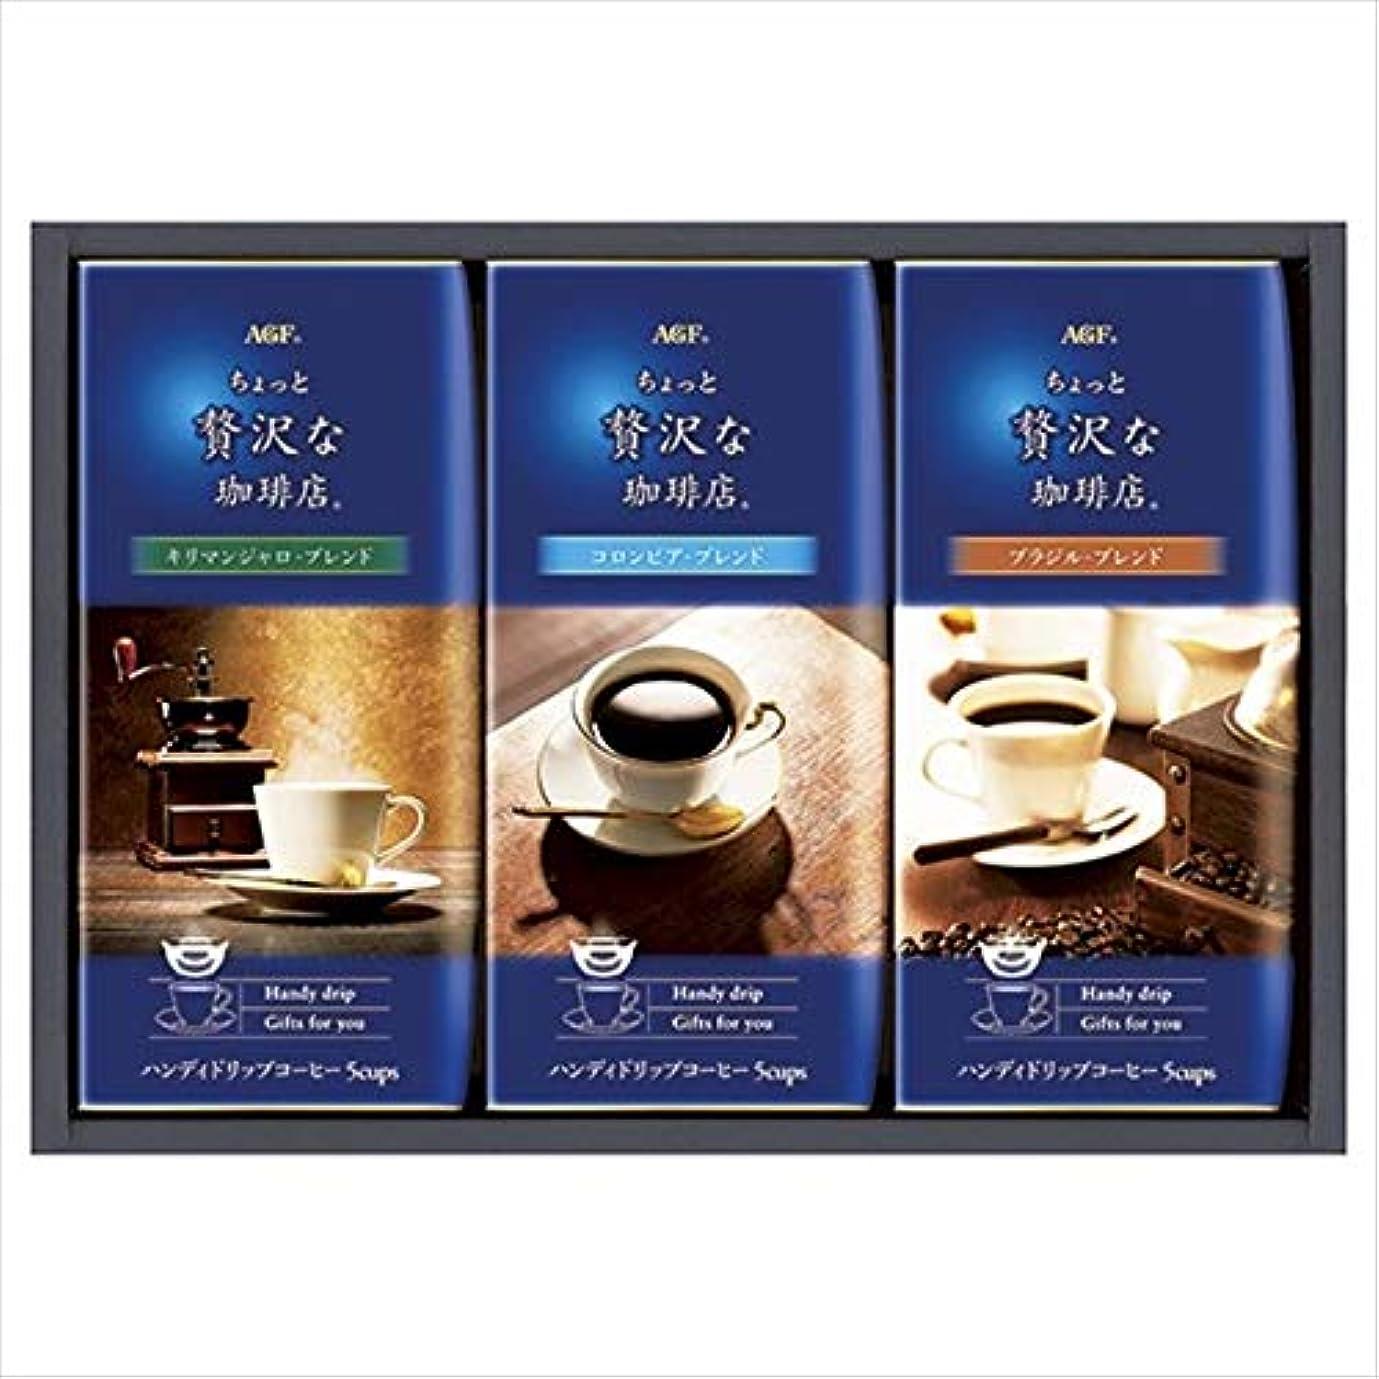 形状からかうラブちょっと贅沢な珈琲店ドリップコーヒーギフト 287-3651-022